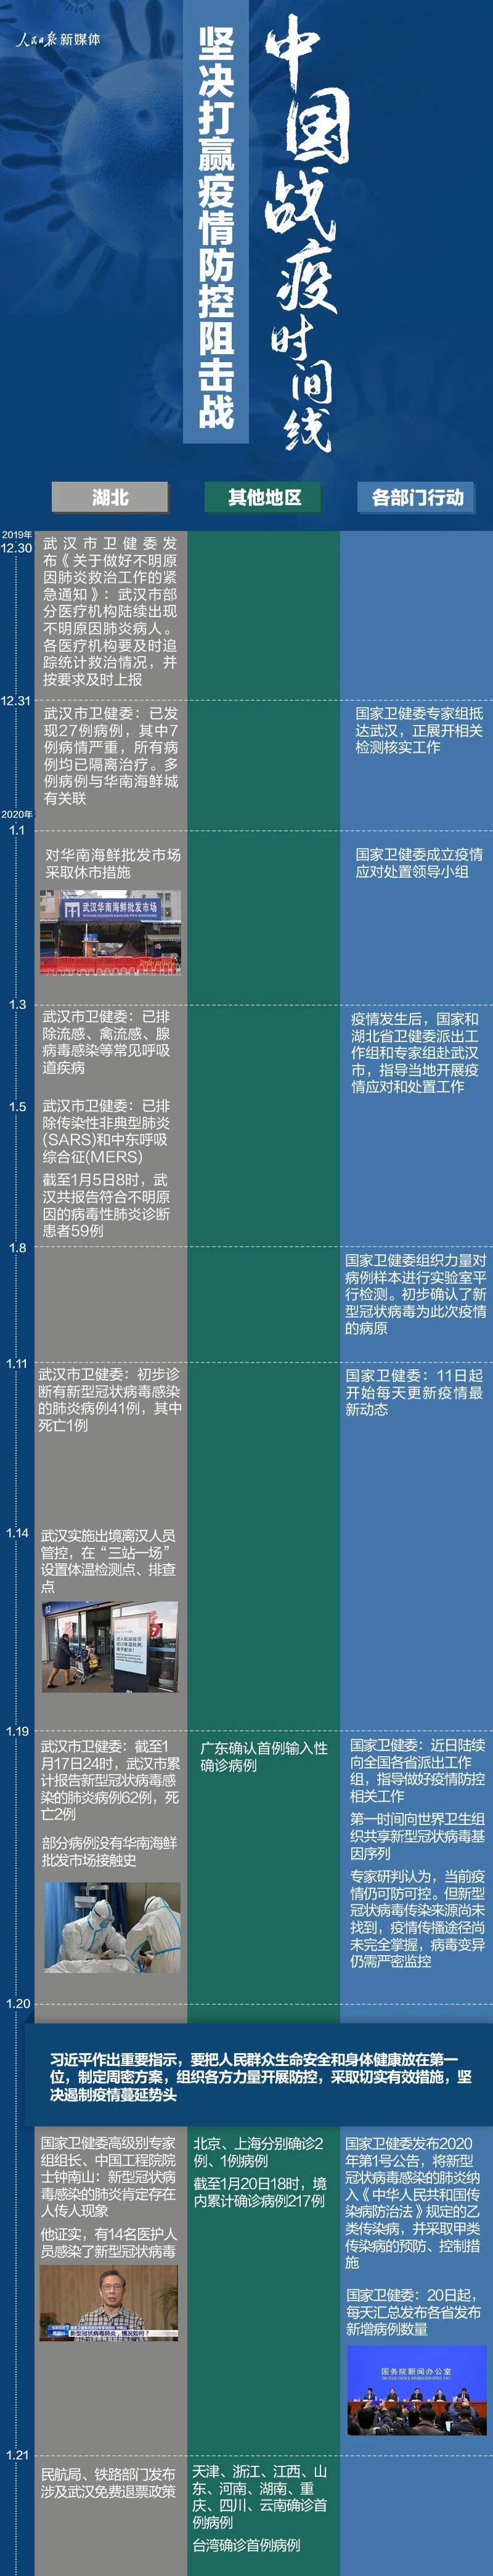 中国战疫时间线(至2月6日)坚决打赢疫情防控阻击战插图1